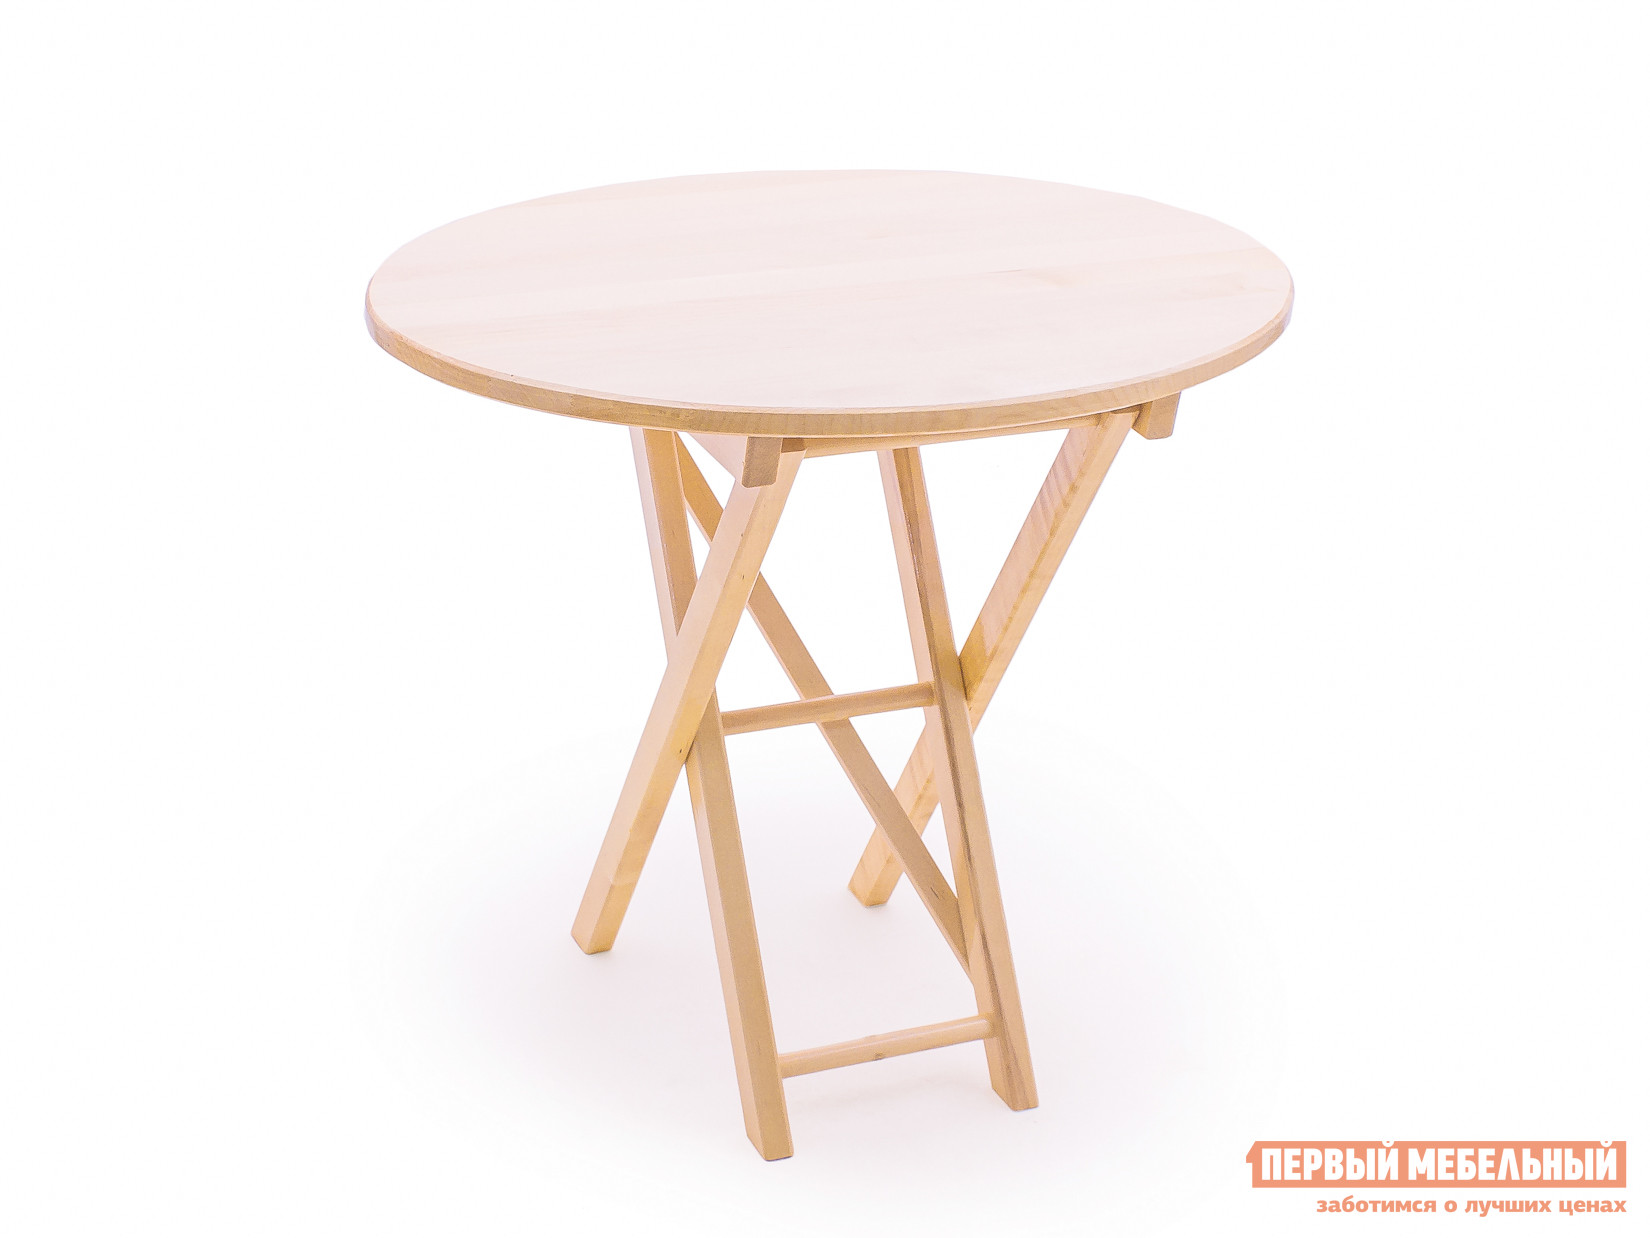 Садовый стол СМКА СМ049Б Береза, 650 ммСадовые столы<br>Габаритные размеры ВхШхГ 650 / 750x720x520 мм. Складной овальный столик для сада Мирослав СМ049Б.  Замечательный вариант для террасы или лужайки на даче.  Он подойдет для небольшого перекуса или чаепития. Стол полностью выполнен из массива березы, поверхность которого покрыта влагостойким лаком. На выбор представлены два варианта высоты стола:650 мм;750 мм. В сложенном виде стол имеет максимальный размер 840х80х520 мм.  Благодаря небольшому весу — 8 кг — стол можно брать с собой в поездки. Предлагаем вам также ознакомиться с ассортиментом деревянных стульев, табуретов и кресел.<br><br>Цвет: Светлое дерево<br>Высота мм: 650 / 750<br>Ширина мм: 720<br>Глубина мм: 520<br>Кол-во упаковок: 1<br>Форма поставки: В собранном виде<br>Срок гарантии: 1 год<br>Тип: Раскладные<br>Тип: Трансформер<br>Тип: Обеденные<br>Материал: Массив дерева<br>Порода дерева: Береза<br>Форма: Овальные<br>Размер: Маленькие